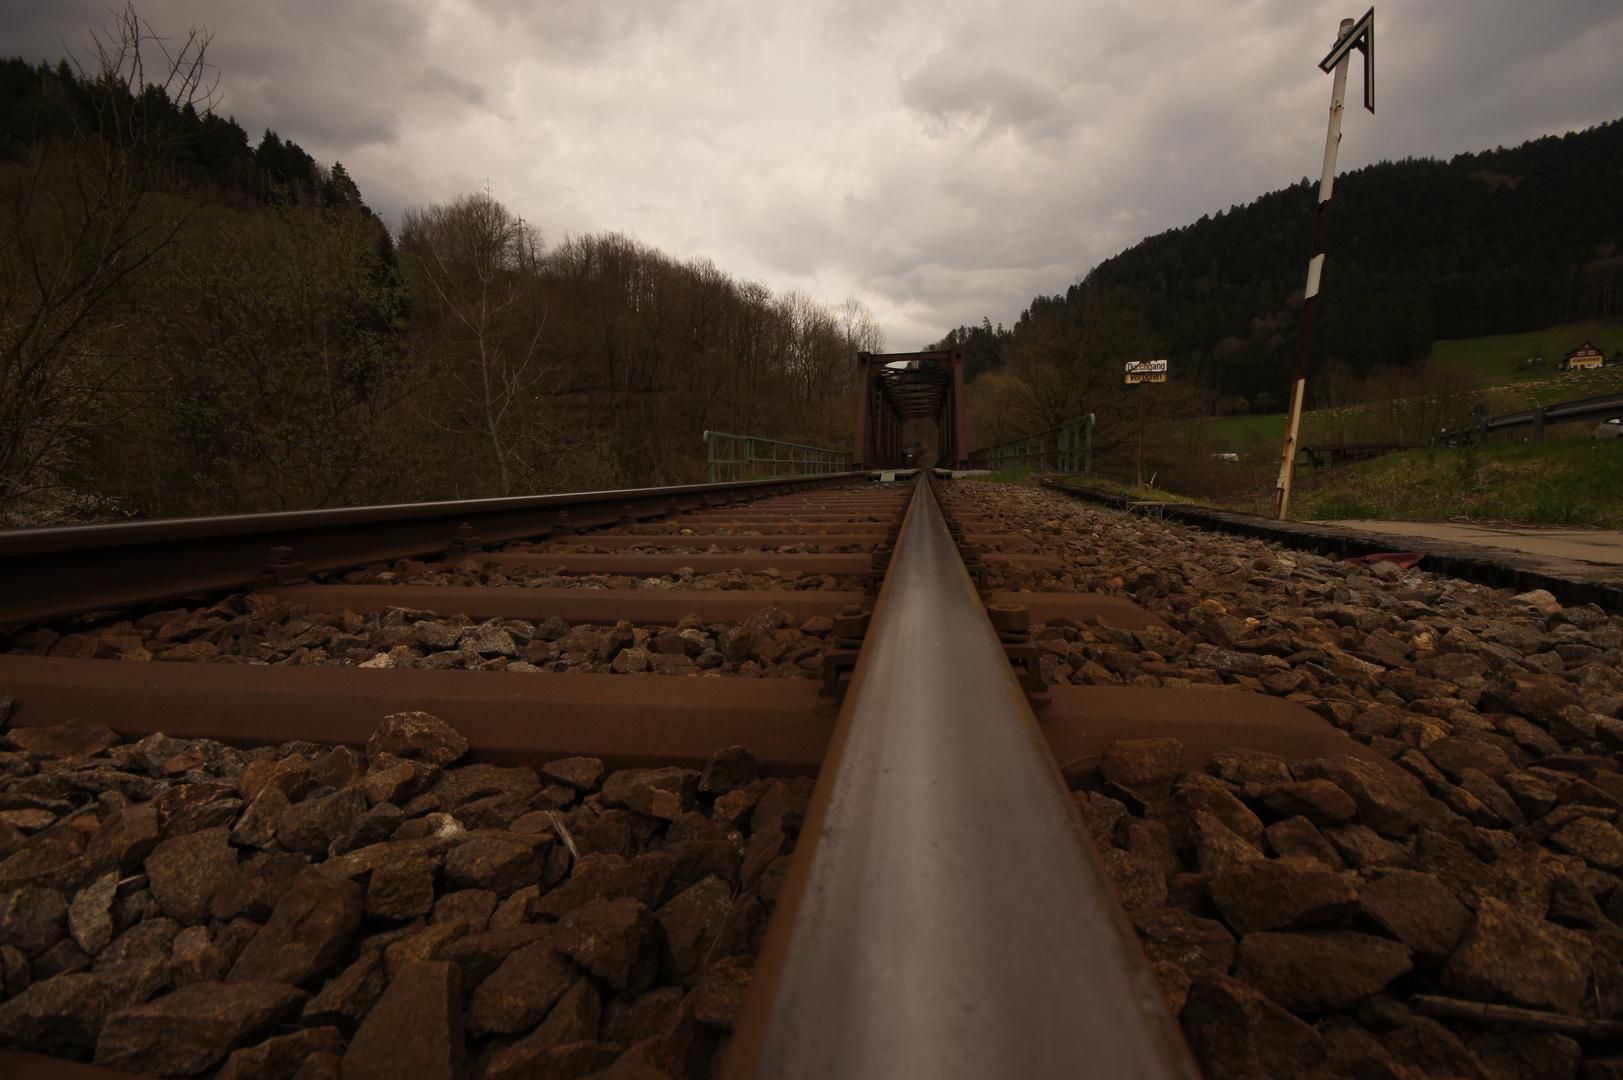 es fährt ein Zug nach irgend wo